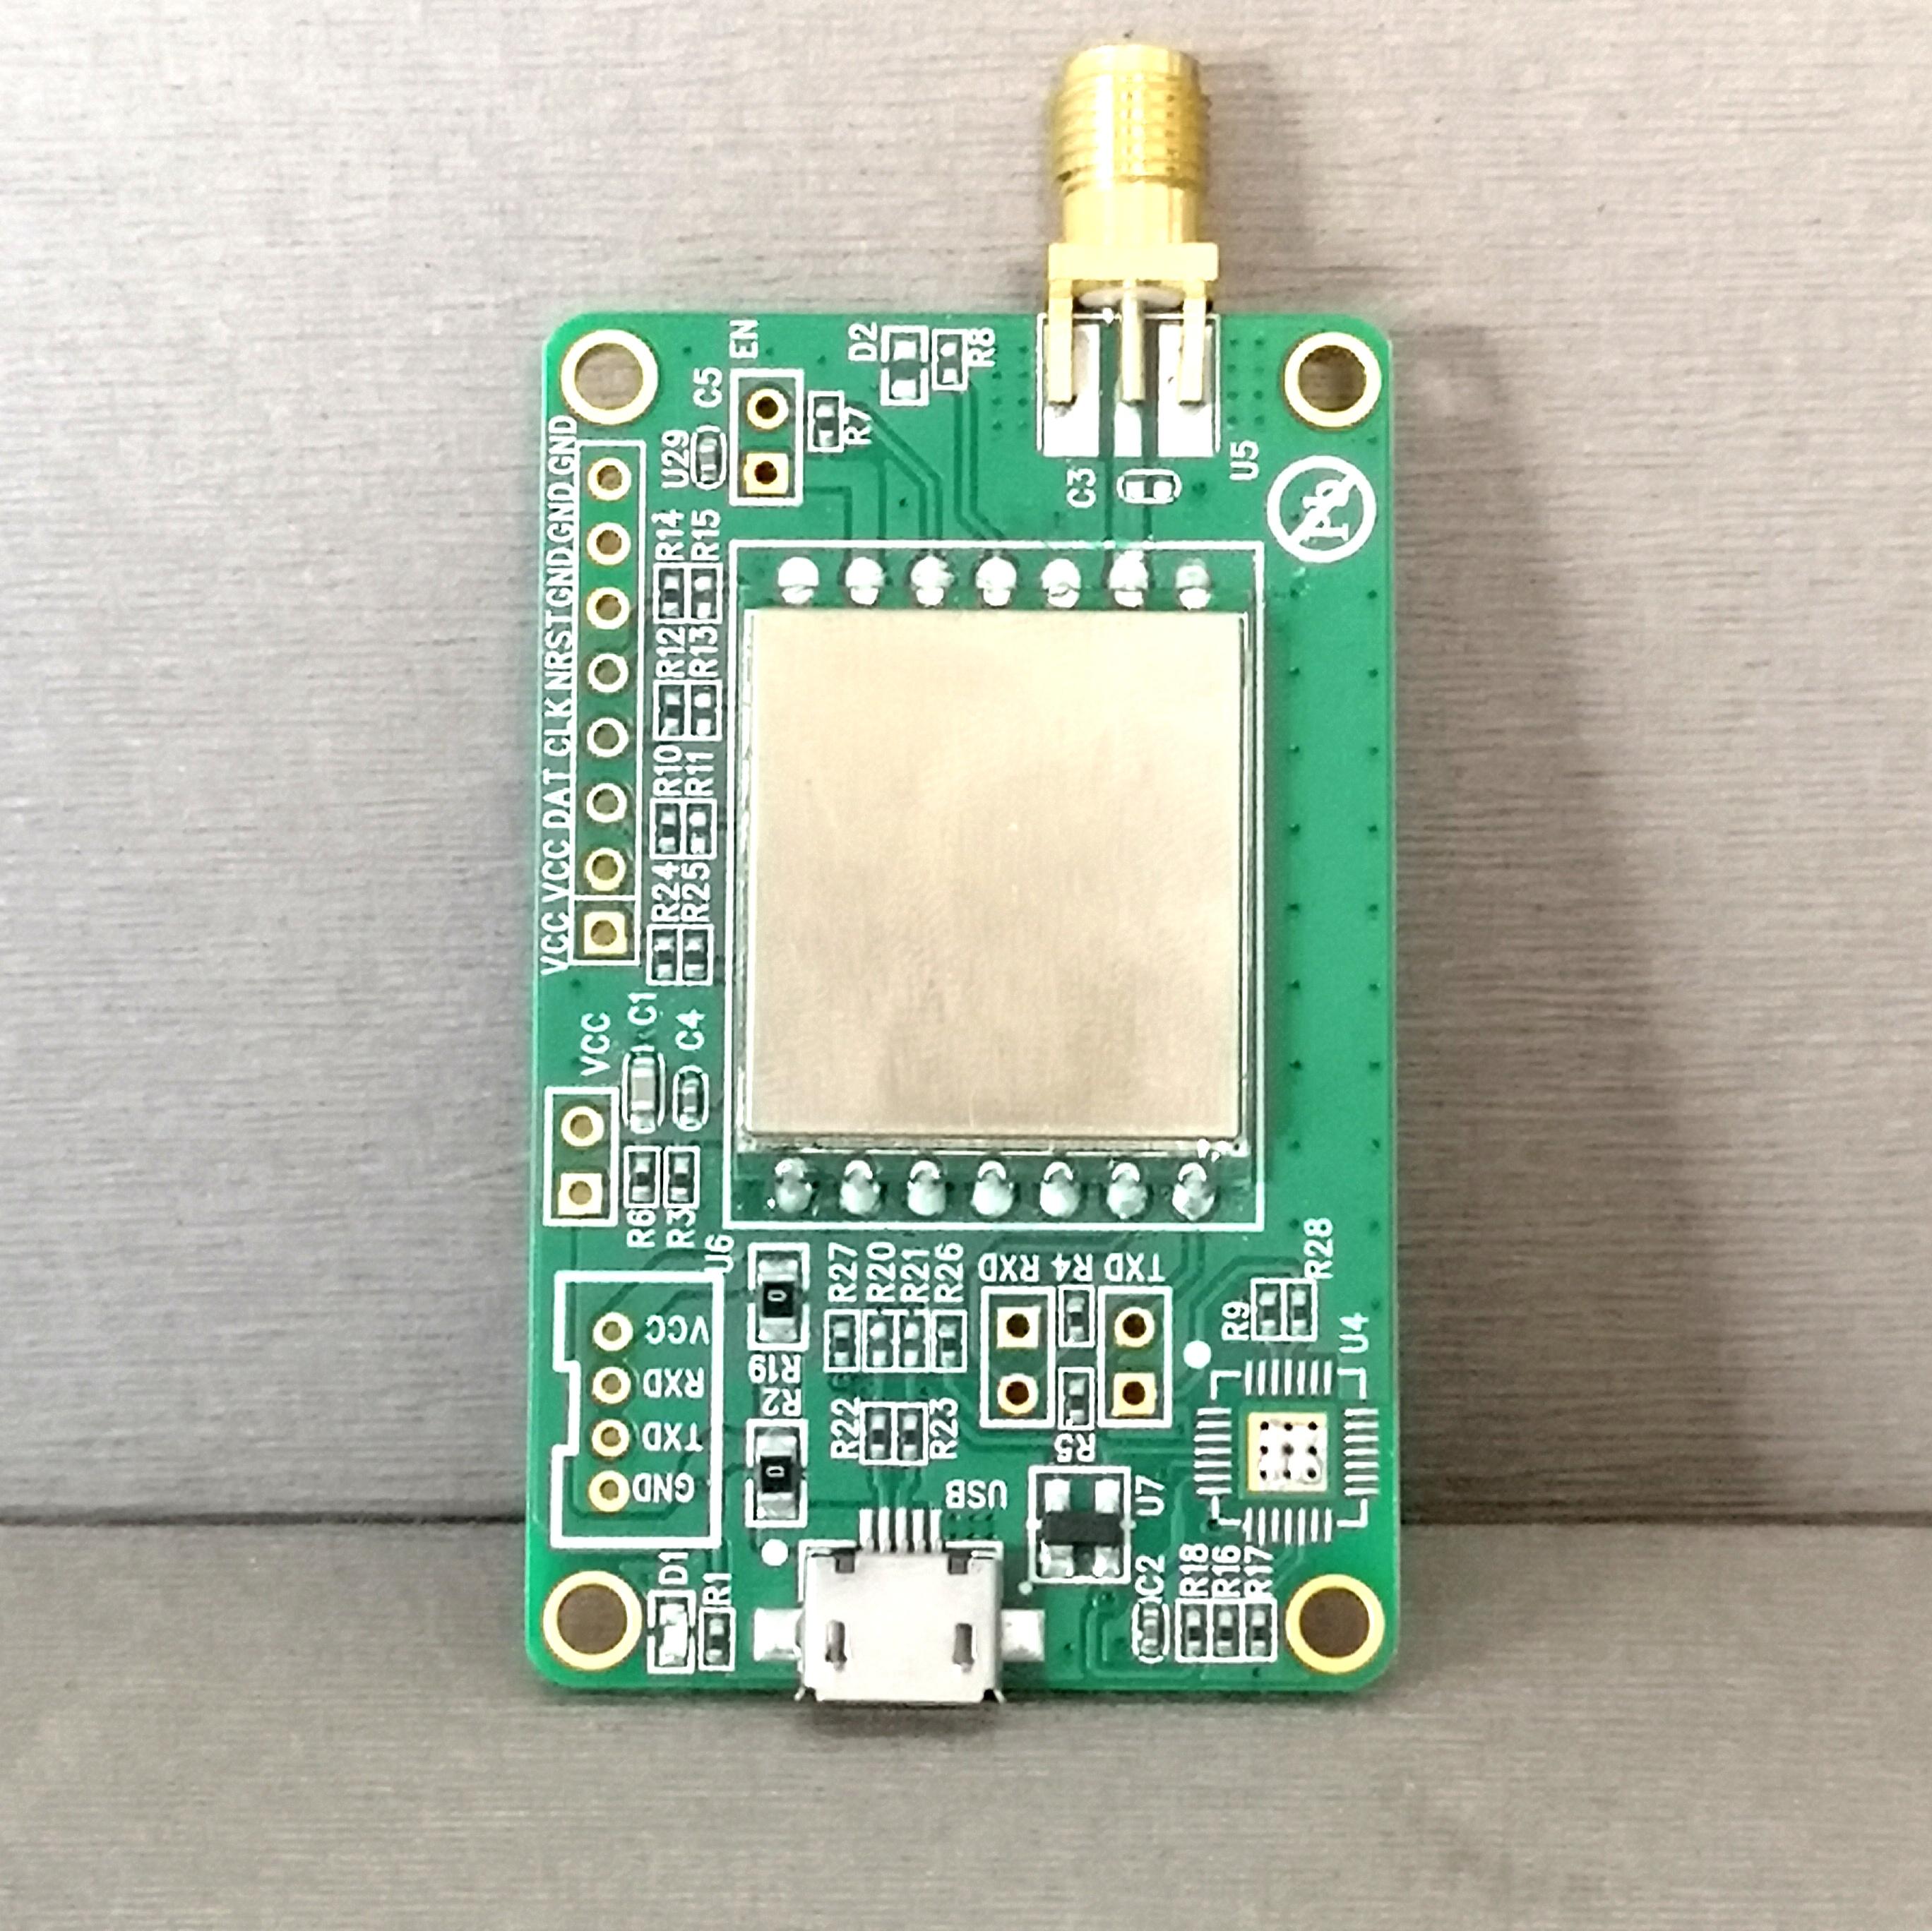 模块 RFID 超高迫辛卡器模块 UHF 微型 RFID KLM900 恺乐读写器模块